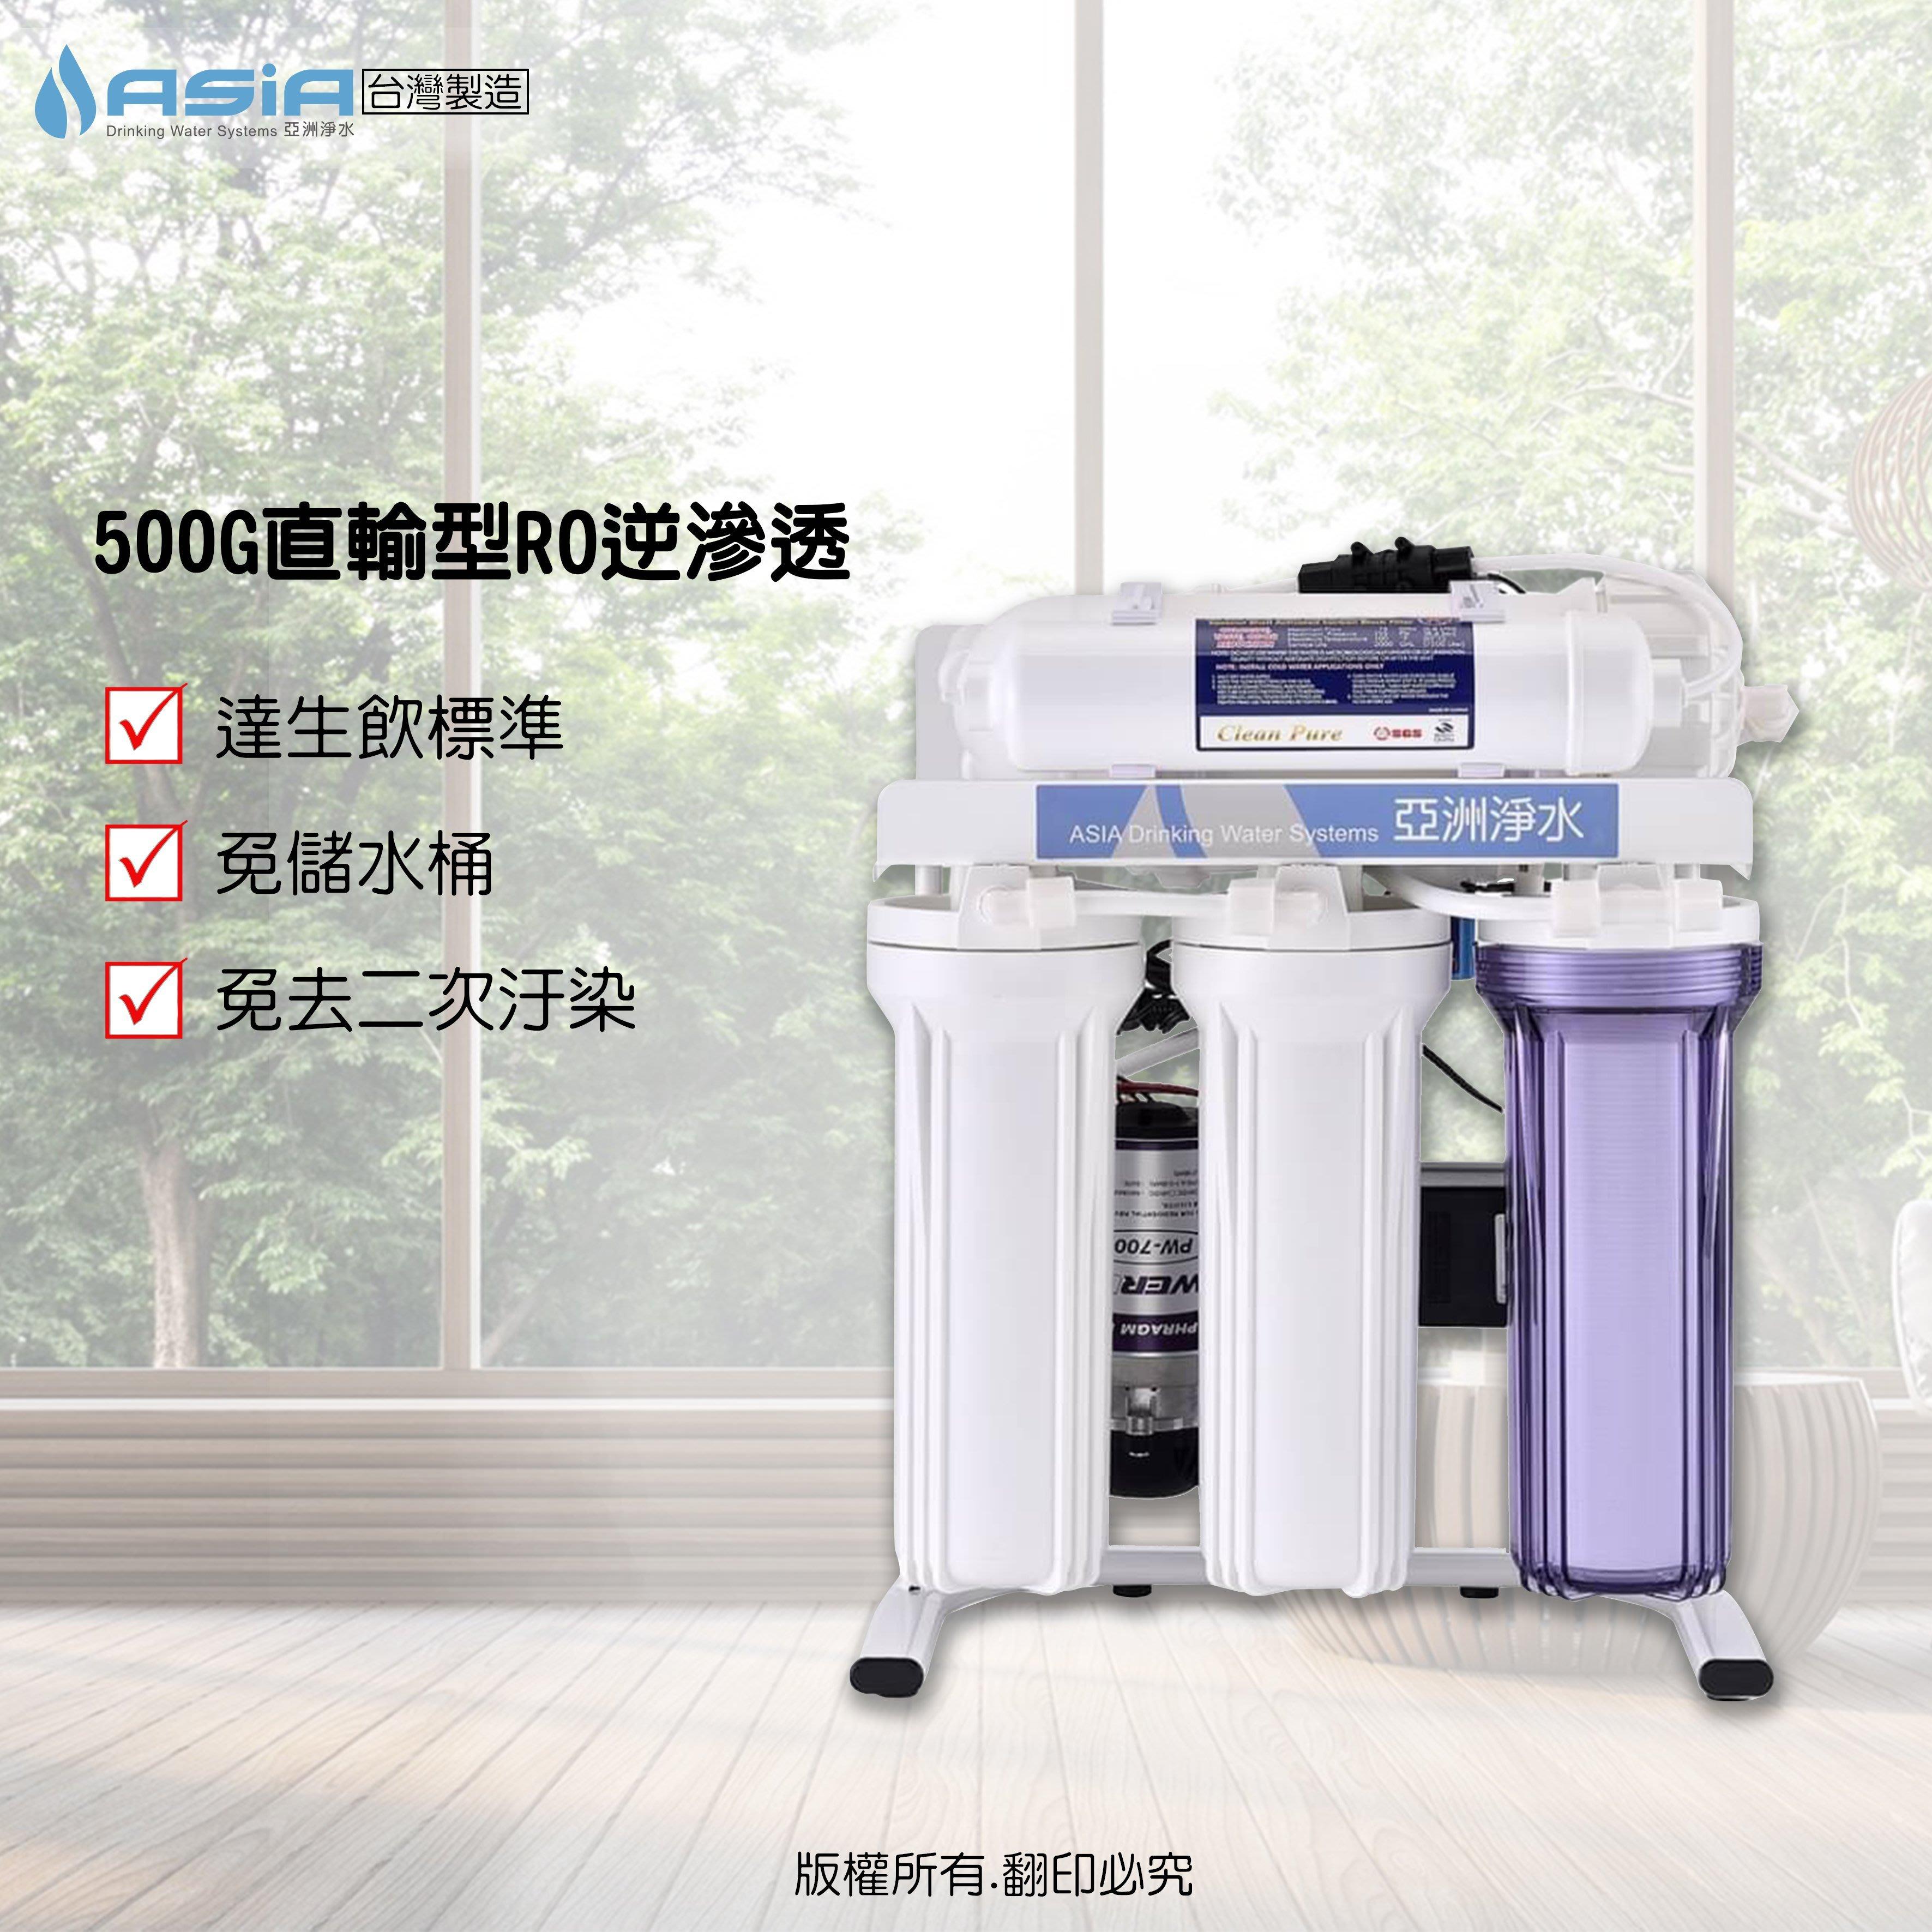 【亞洲淨水】500G直輸型RO逆滲透 五道式「免壓力桶」~美製Filmtec RO膜、優惠免費升級「台製不鏽鋼鵝頸」#6